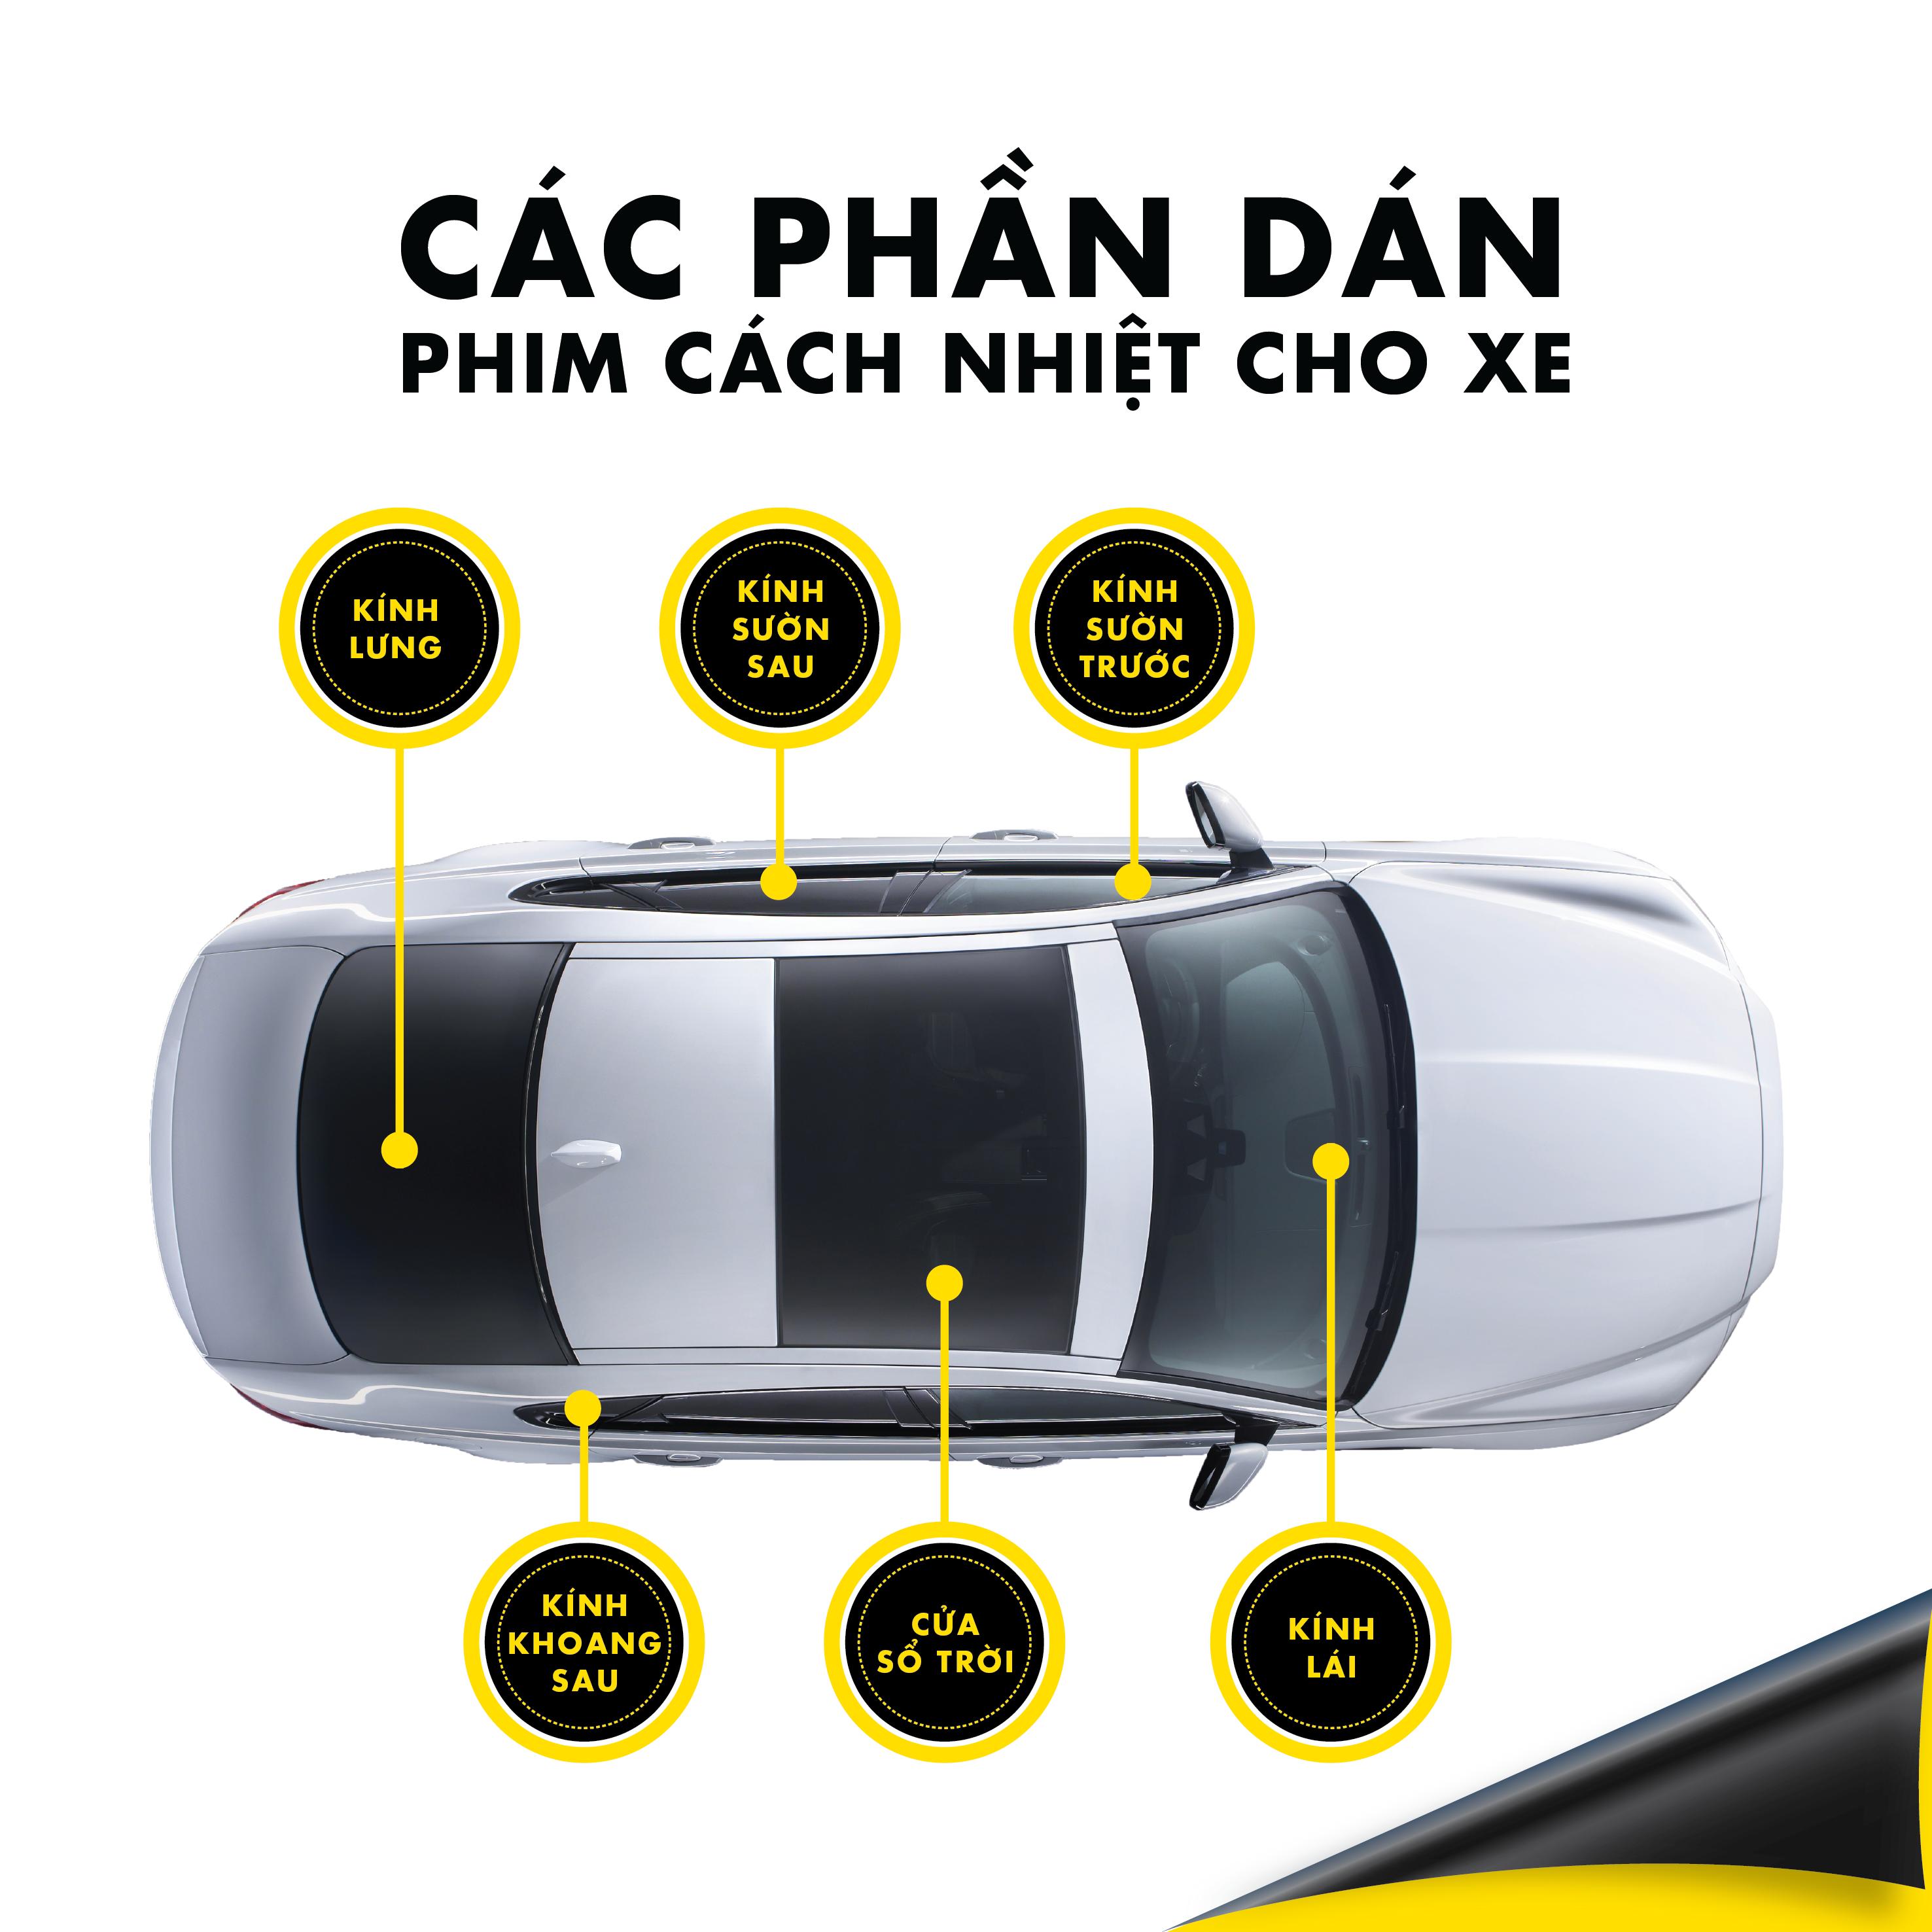 nhung-phan-can-dan-phim-cach-nhiet-cho-xe.png